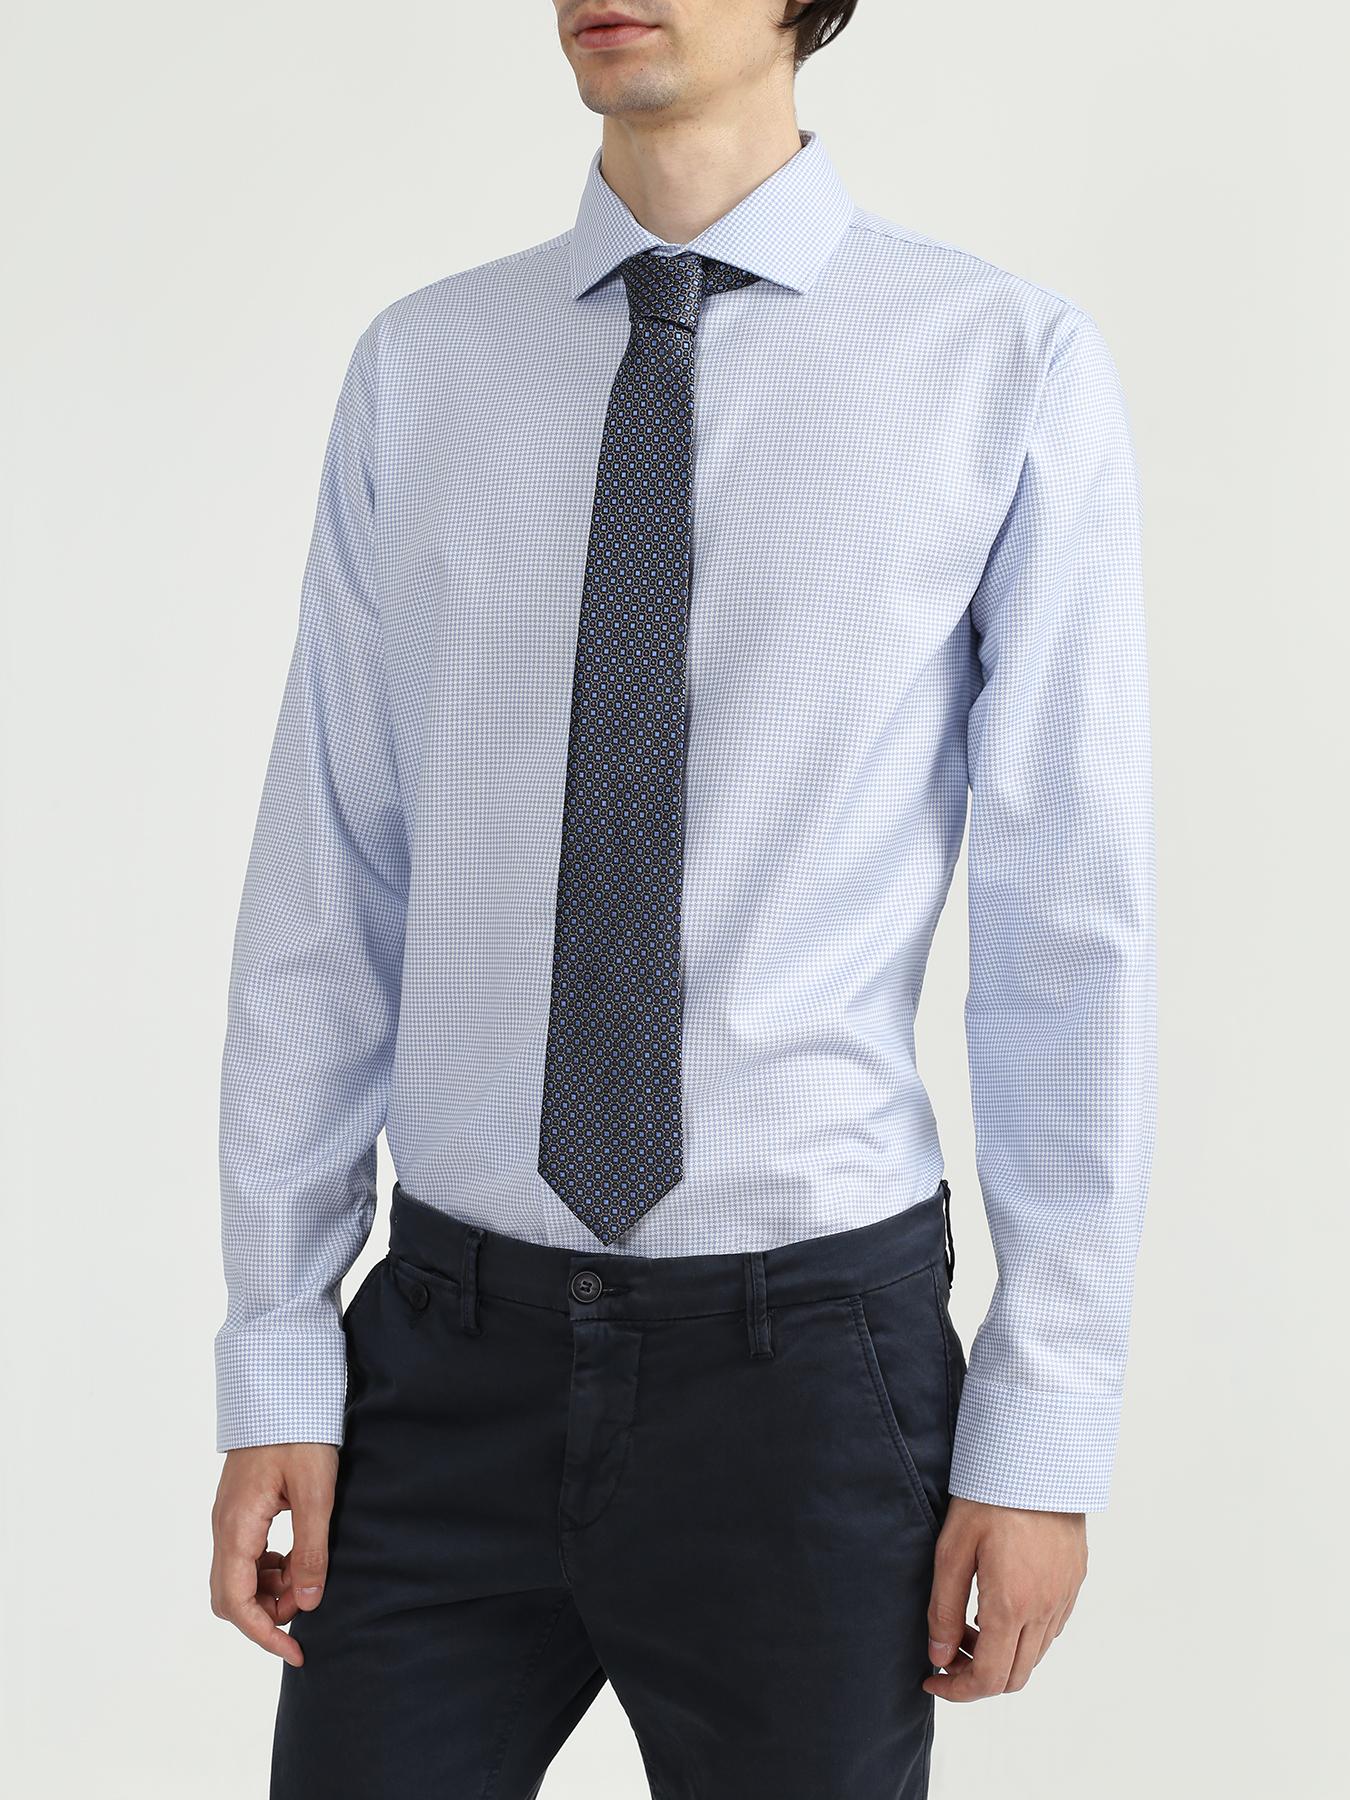 Галстук Ritter Шелковый галстук галстук romon 3n40302